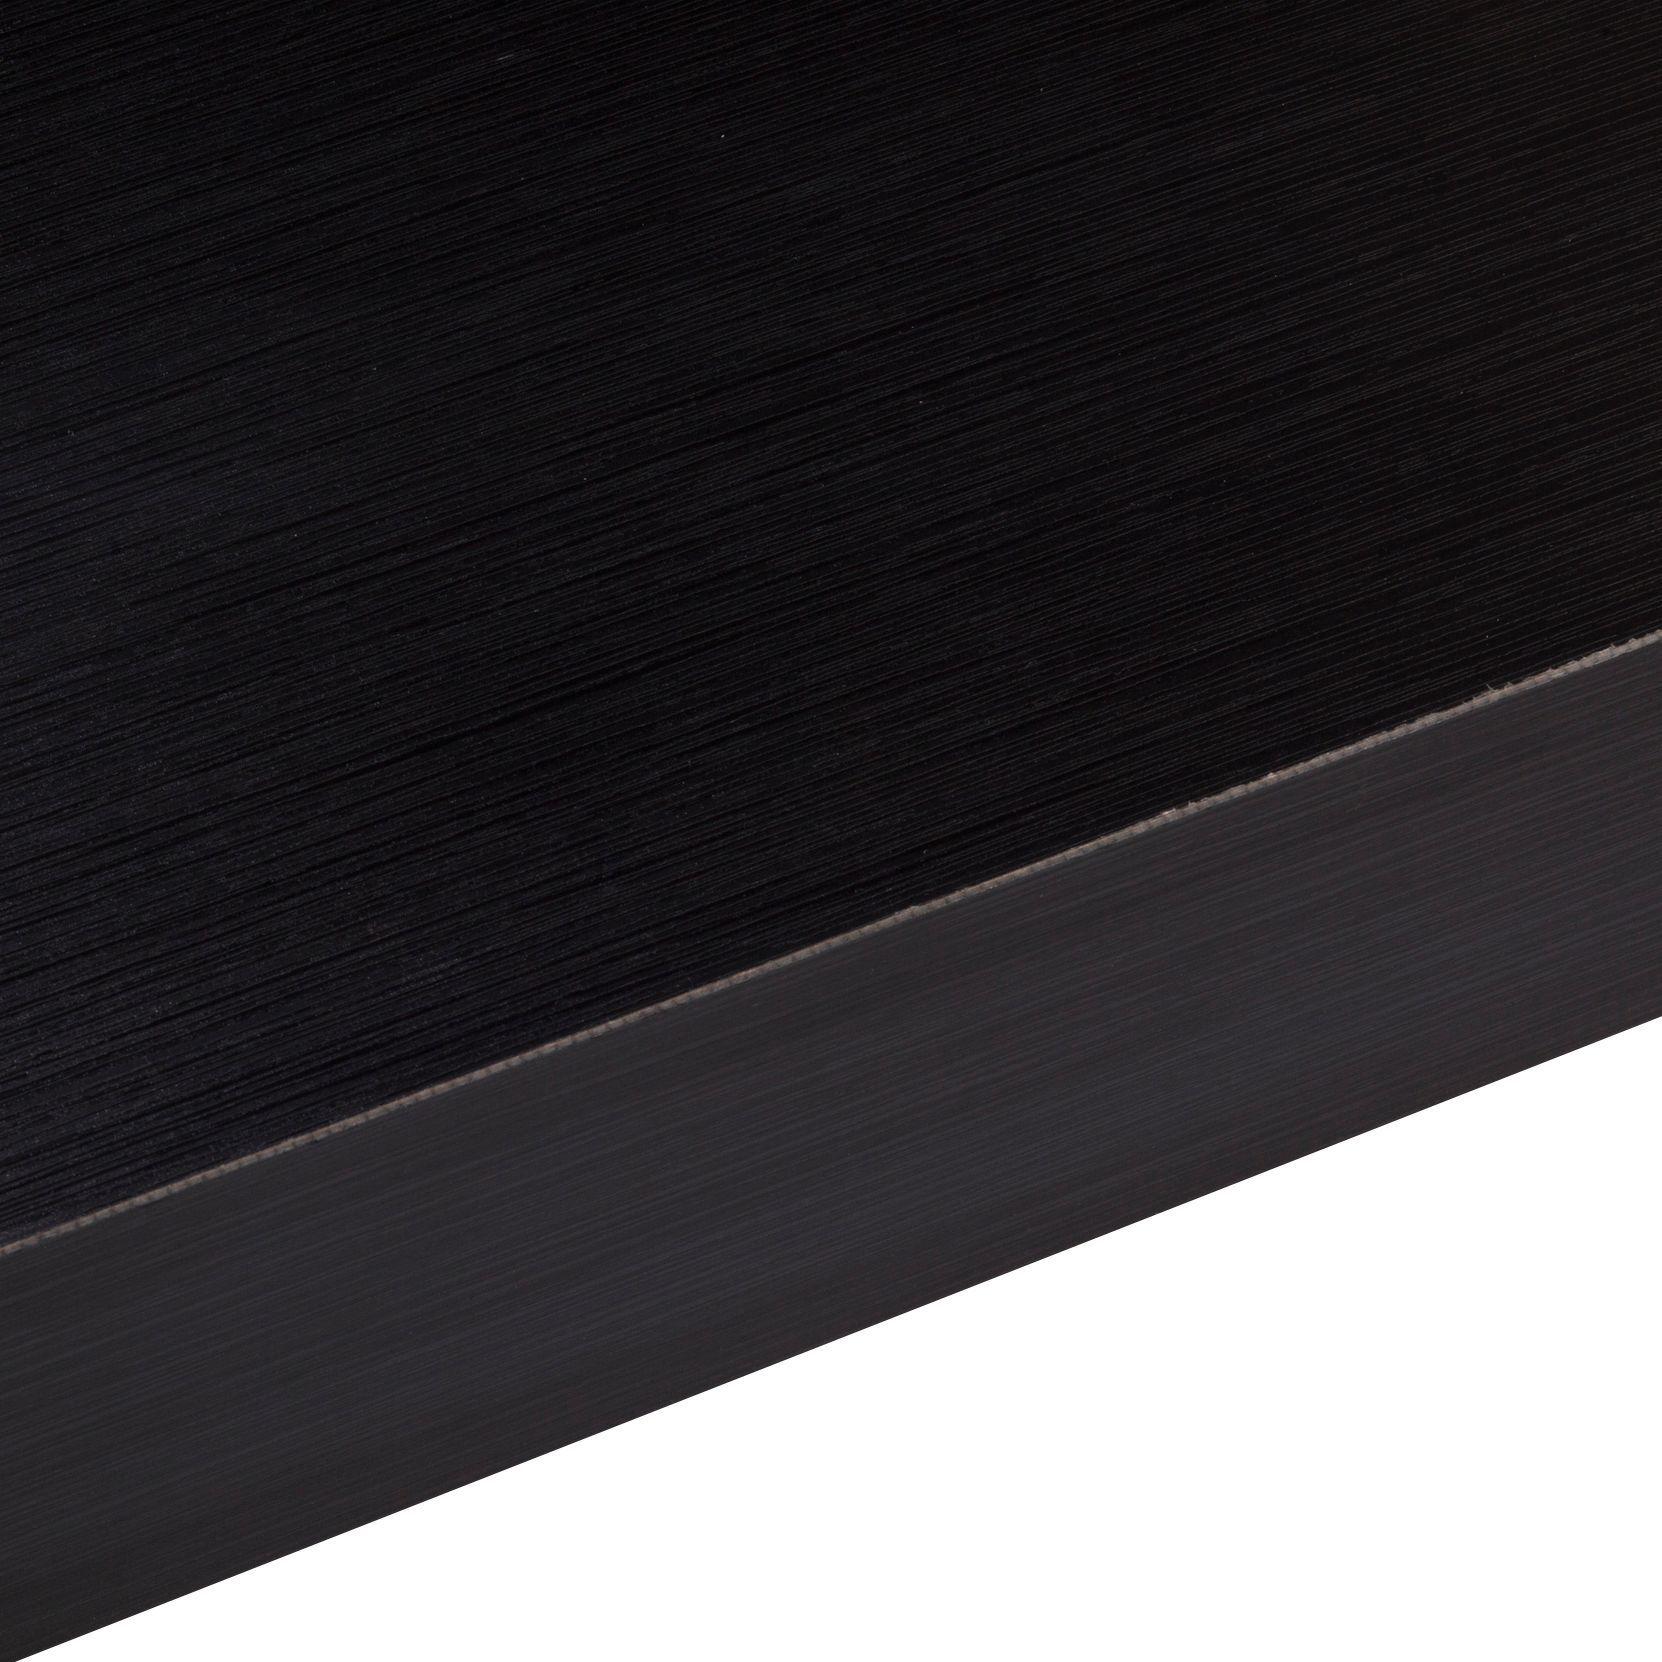 50mm Designer Black Square Edge Laminate Worktop L 3m D